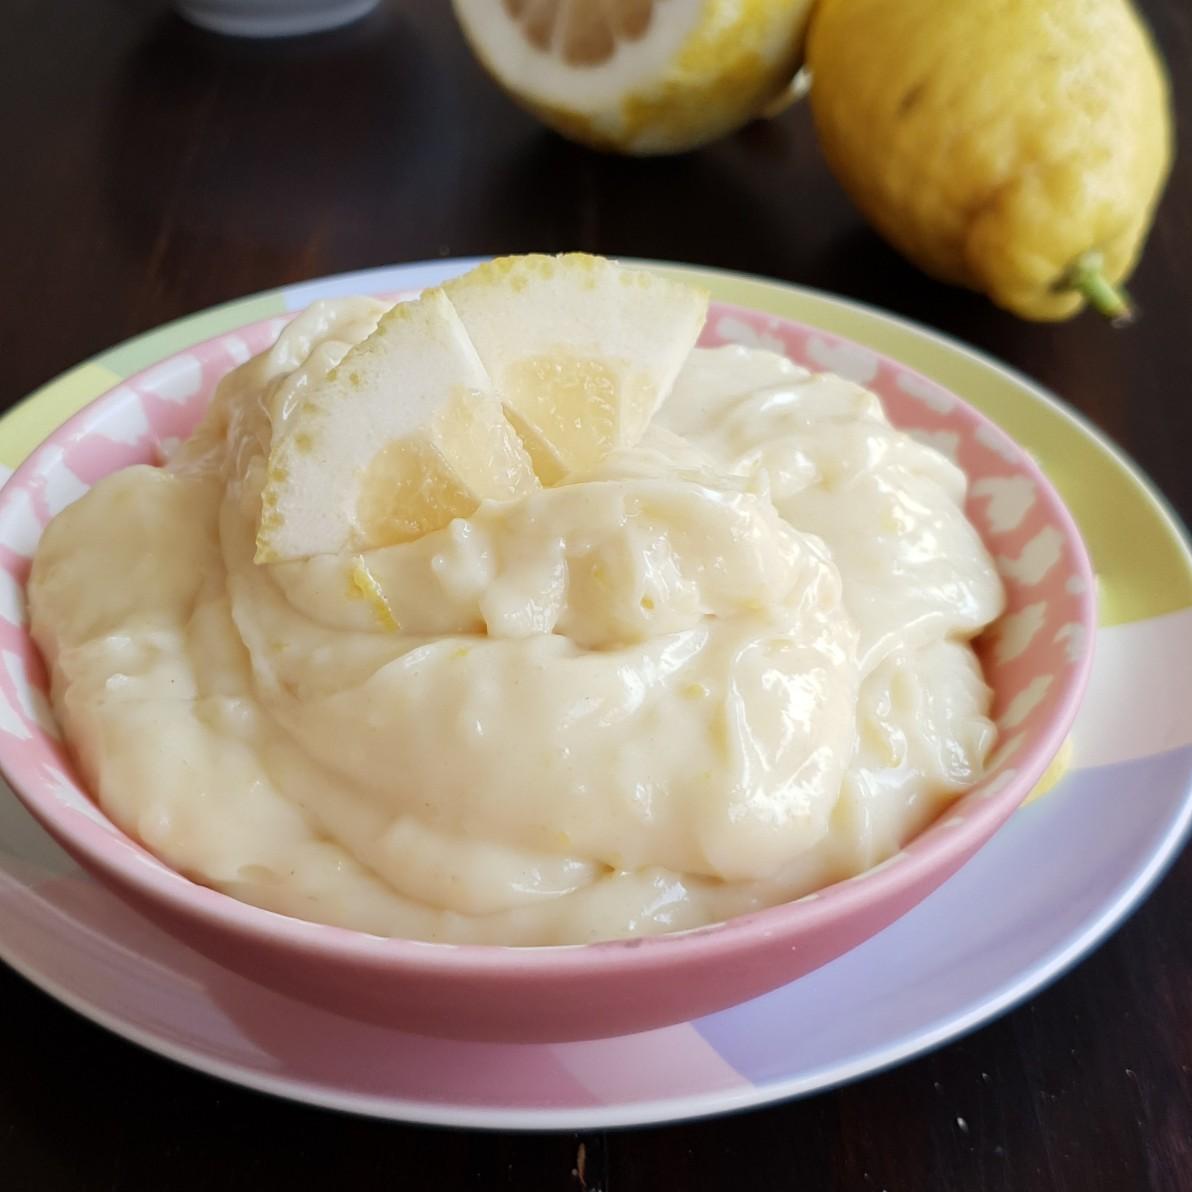 Crema cioccolato bianco e limone | ricetta tradizionale e al microonde